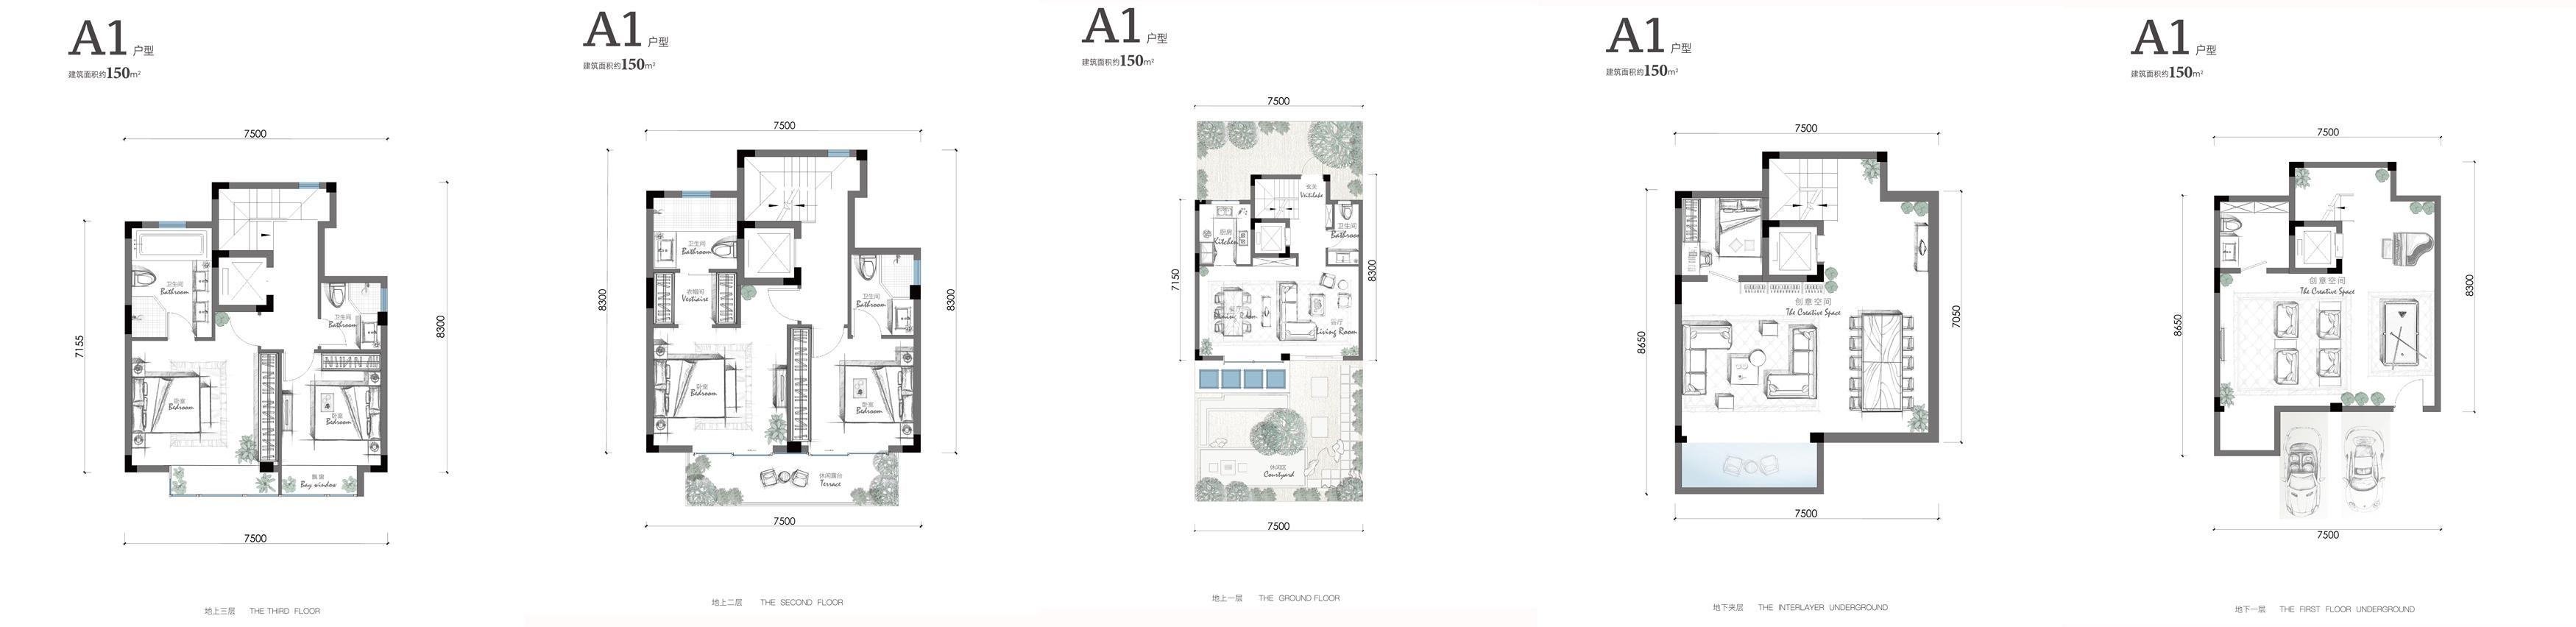 金地滨江万科悦虹湾排屋A1户型150方(20、28、29、30#)